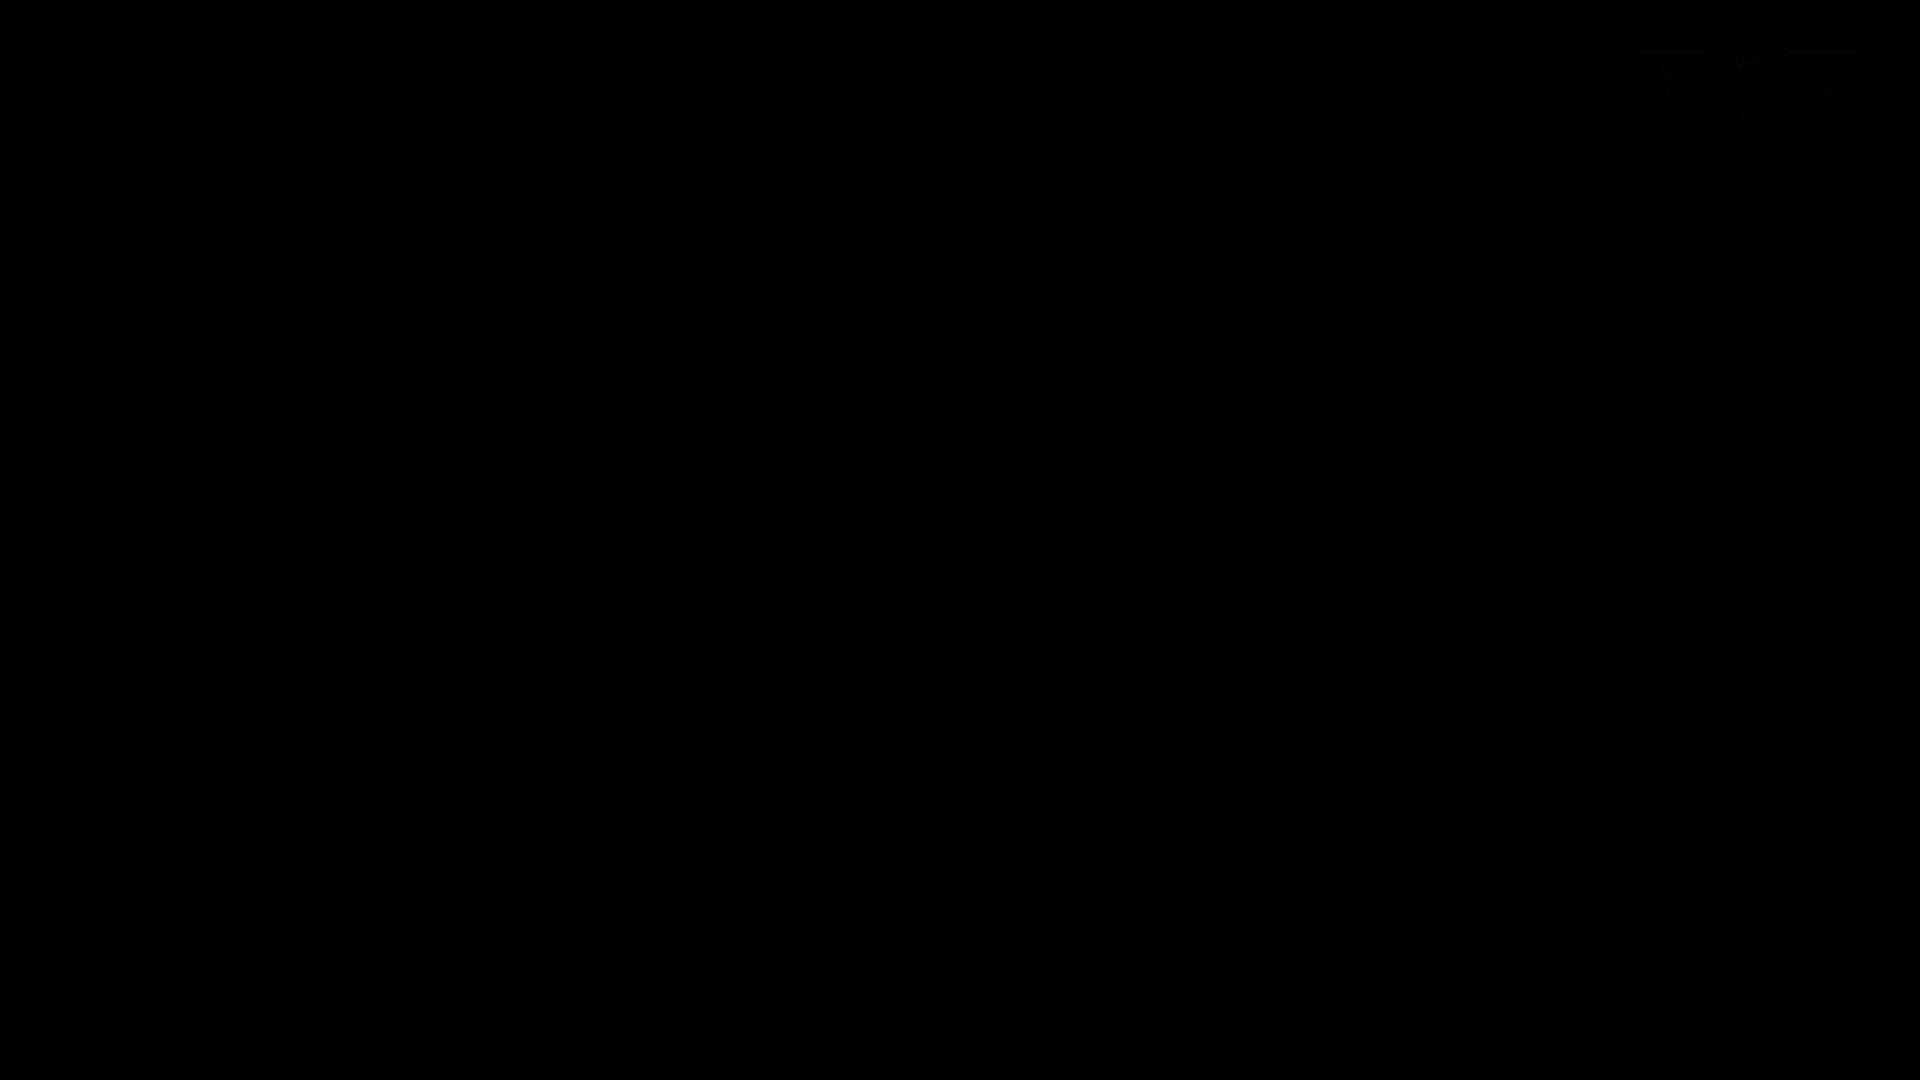 芸術大学ガチ潜入盗撮 JD盗撮 美女の洗面所の秘密 Vol.112 洗面所 おめこ無修正動画無料 92PIX 38